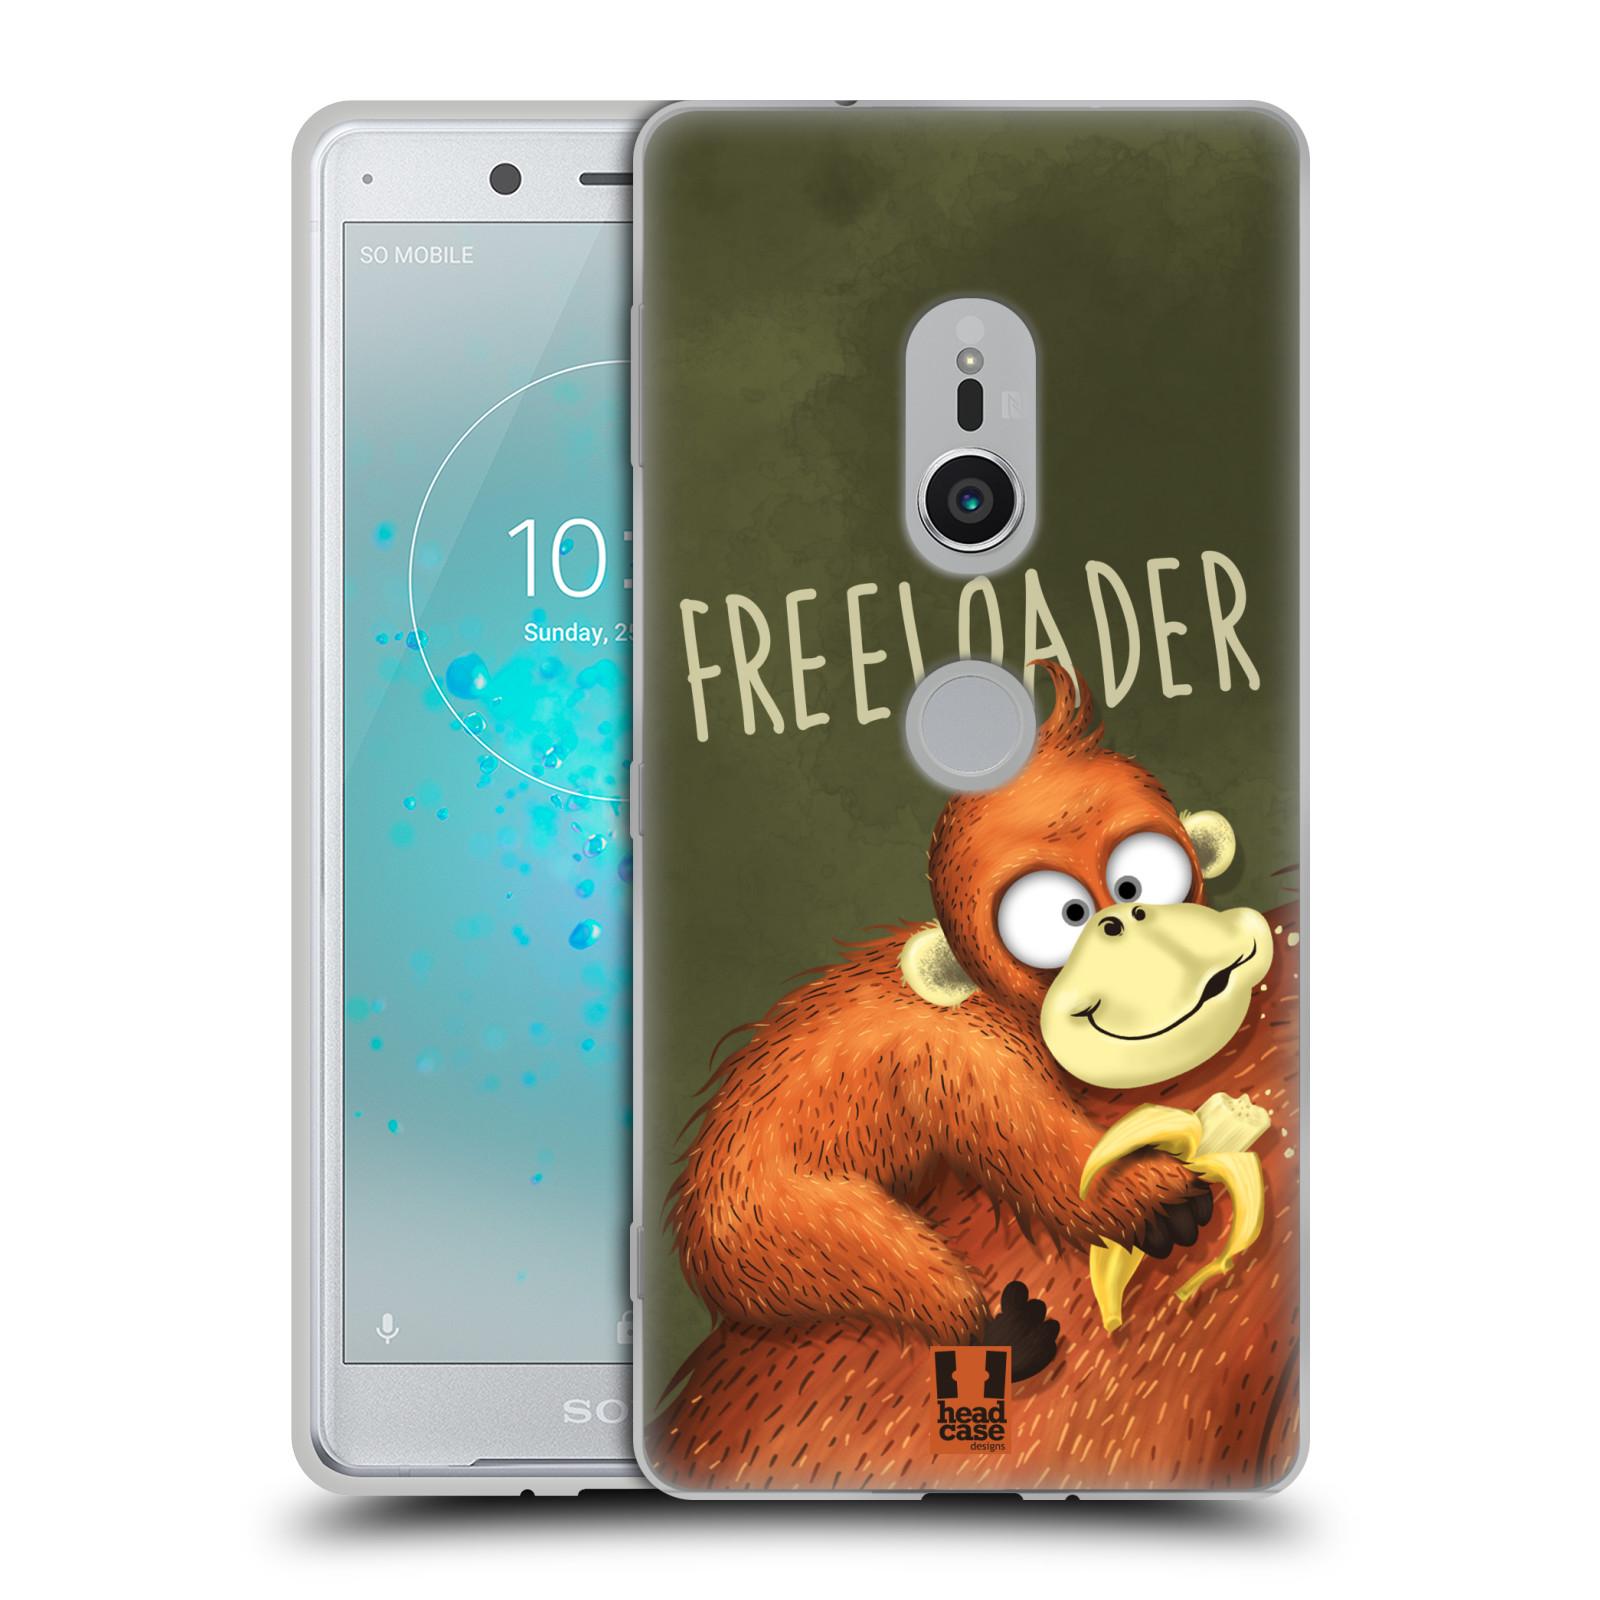 Silikonové pouzdro na mobil Sony Xperia XZ2 - Head Case - Opičák Freeloader